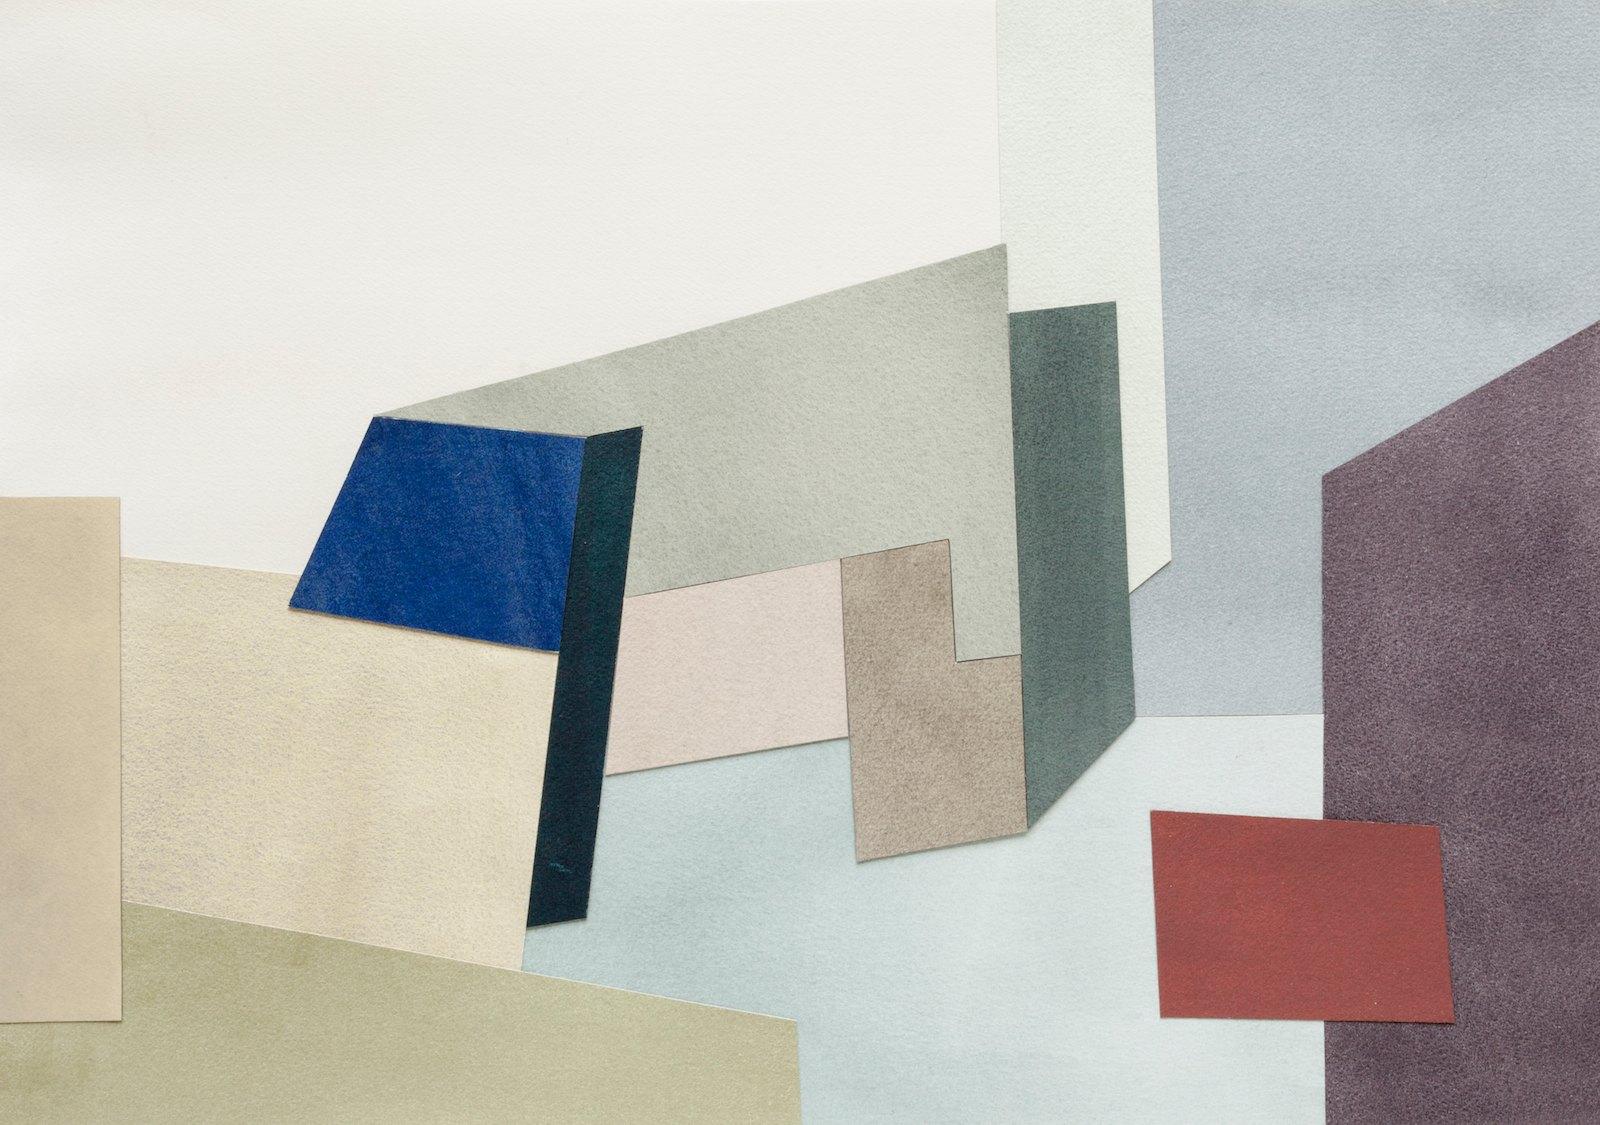 Åpne steder og mørke flater III , 2017. Collage, watercolor, 49,5 x 66,5 cm